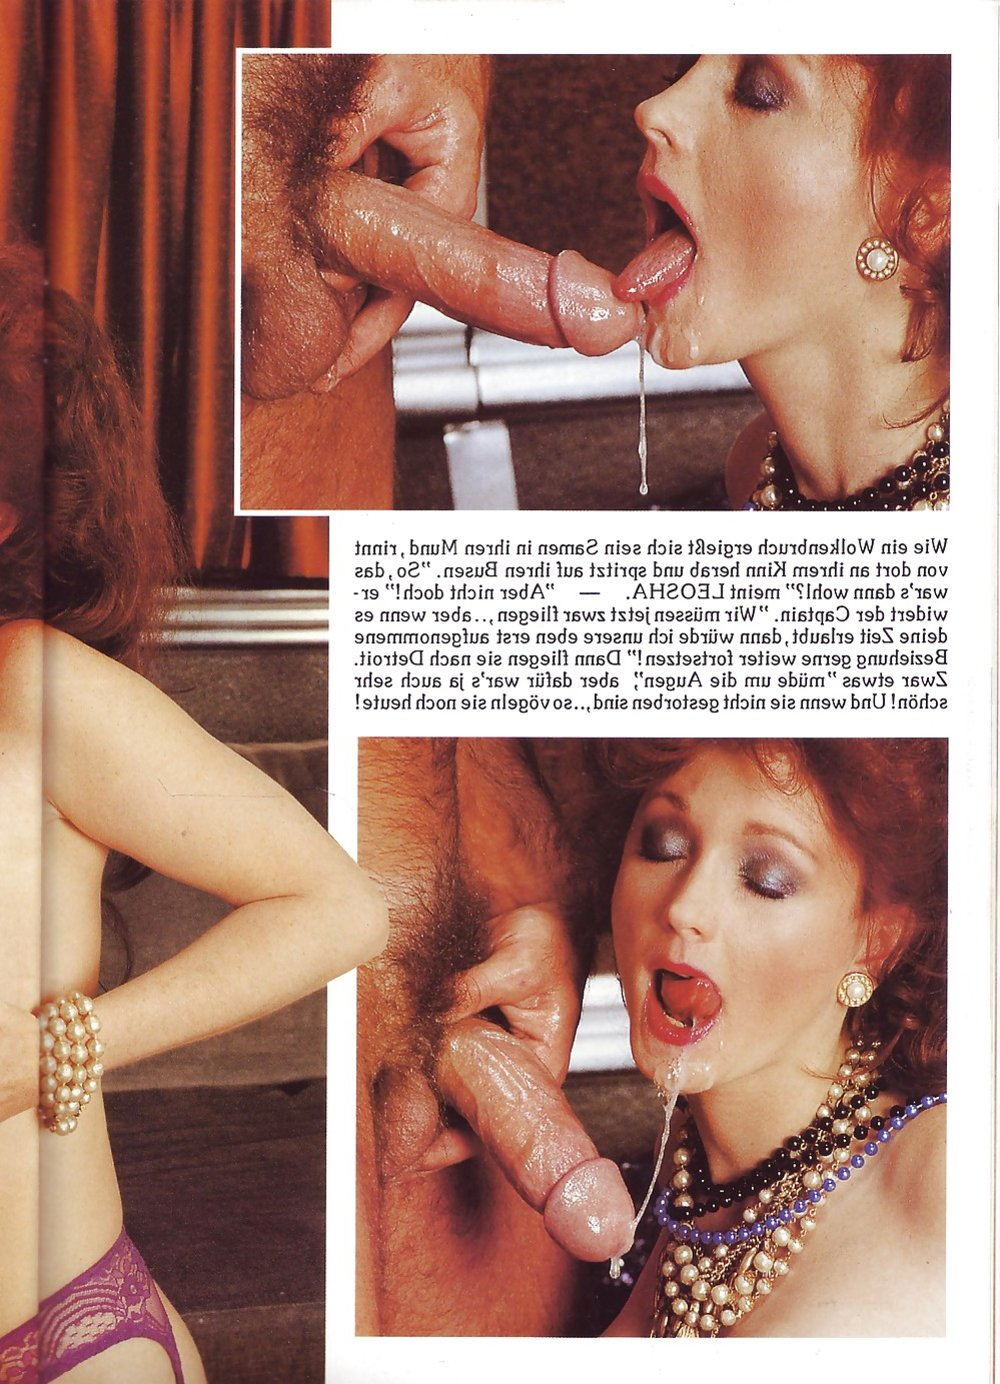 Leanna lovelace nude pornstar search